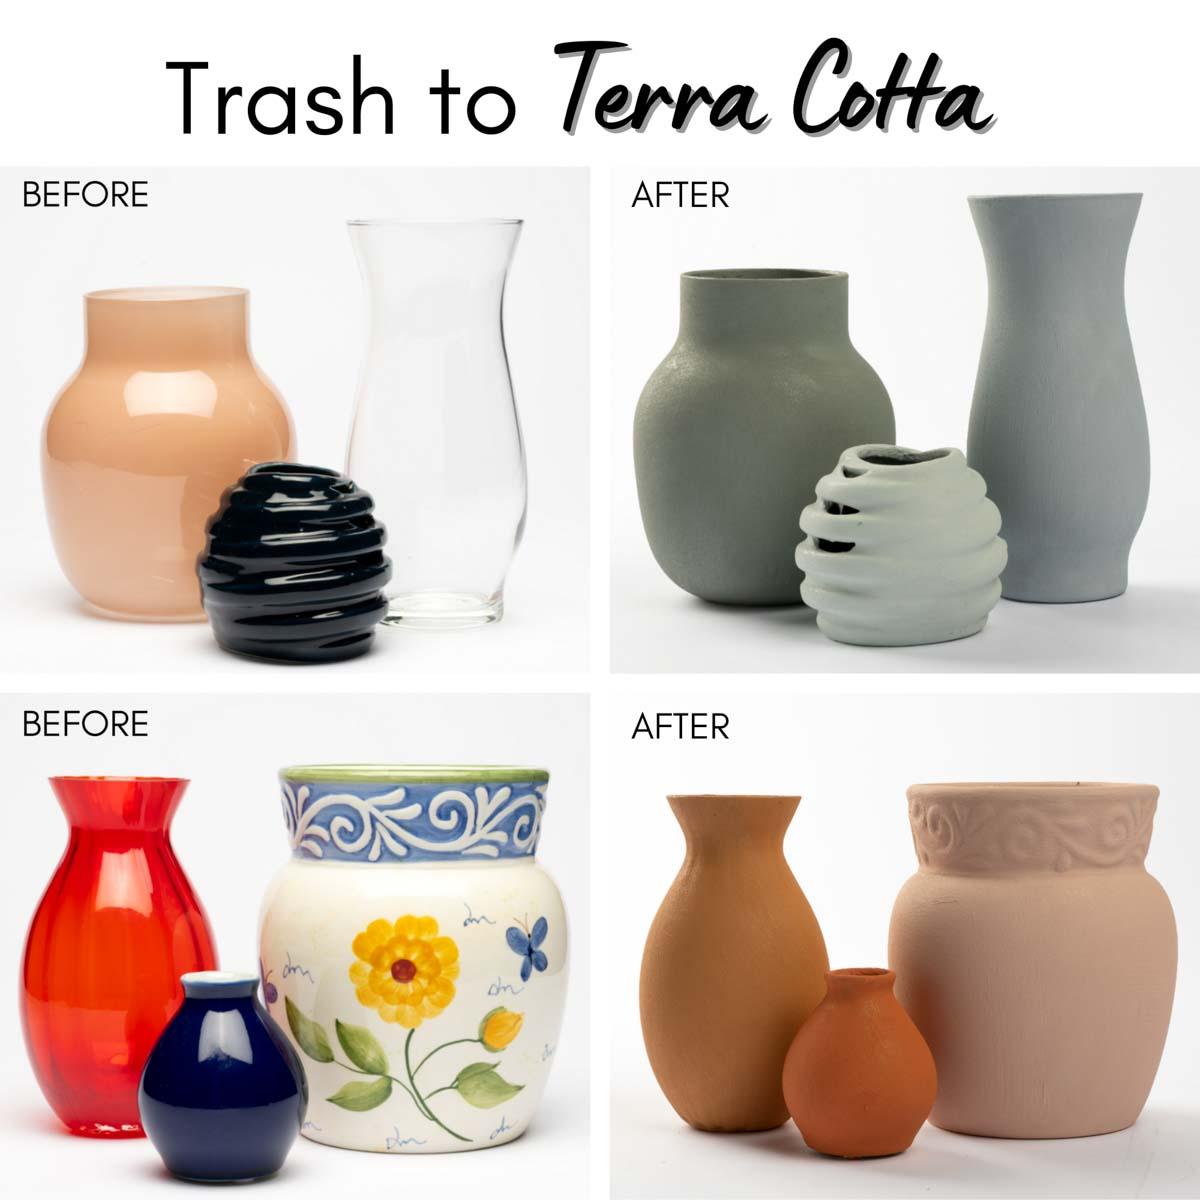 FolkArt ® Terra Cotta™ Acrylic Paint - Snowbank, 2 oz. - 7011